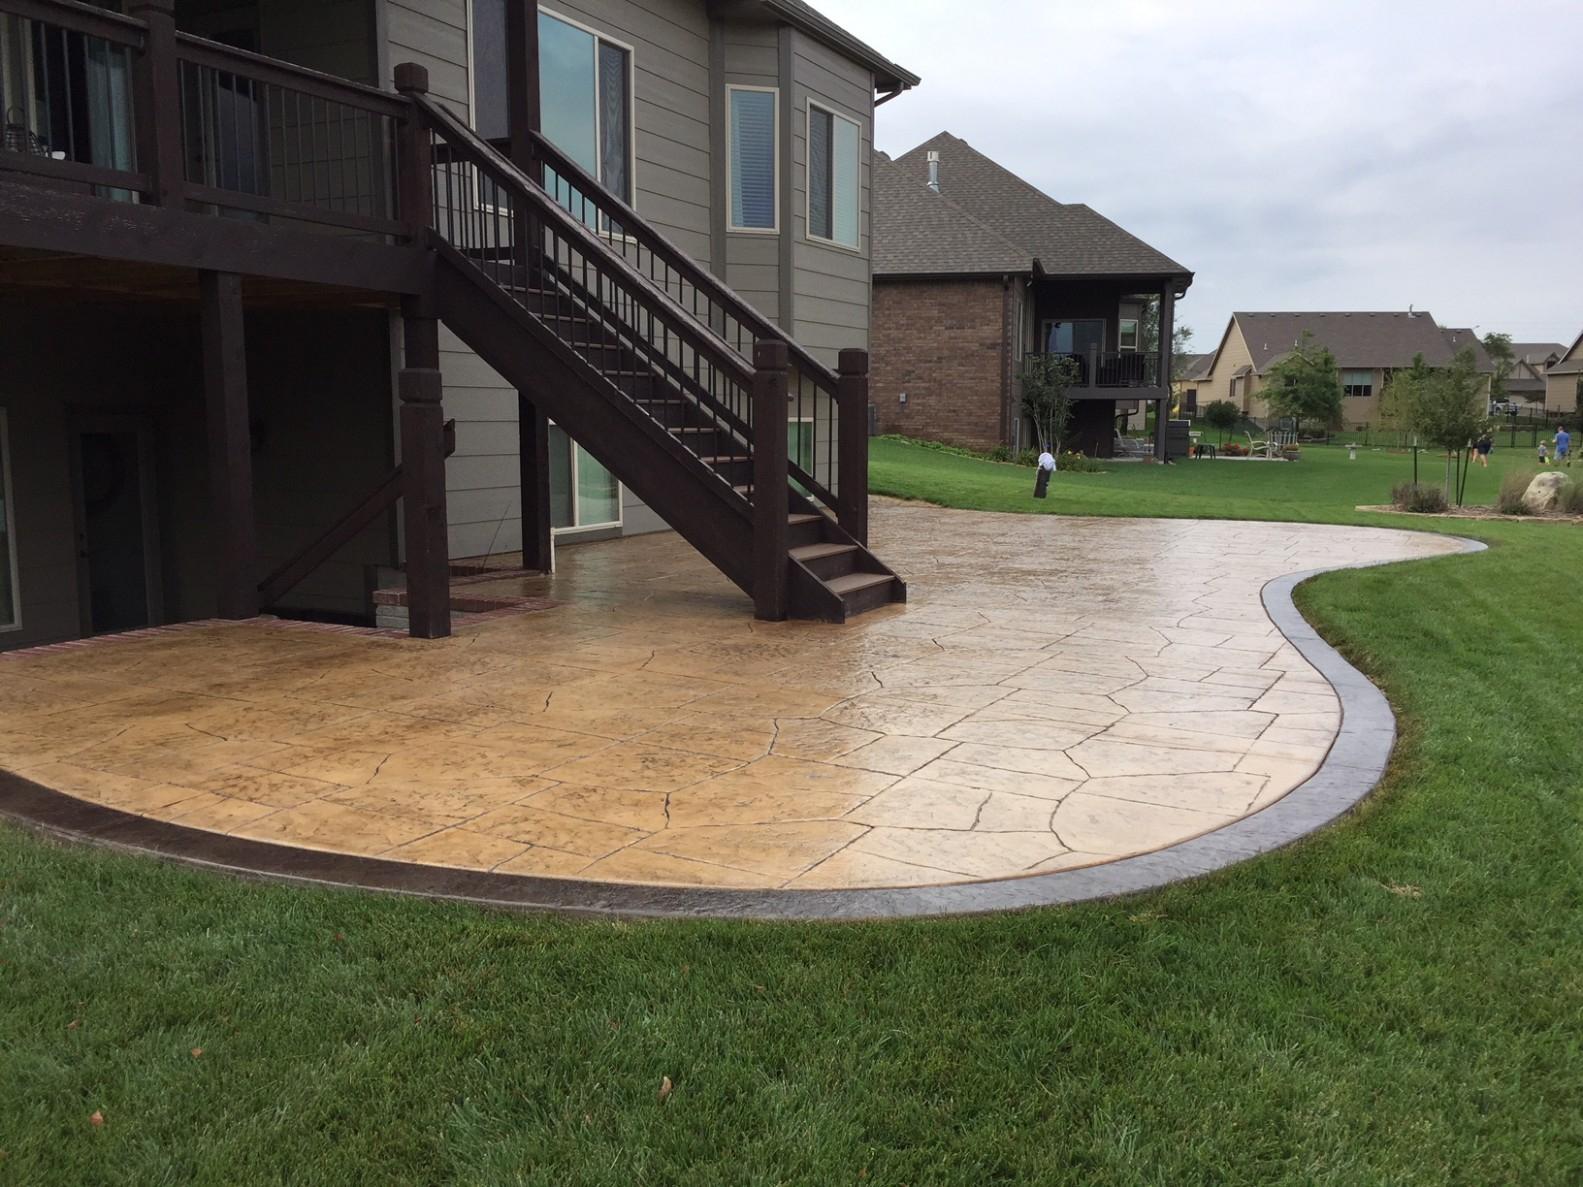 11.Simphome.com backyard concrete patio images